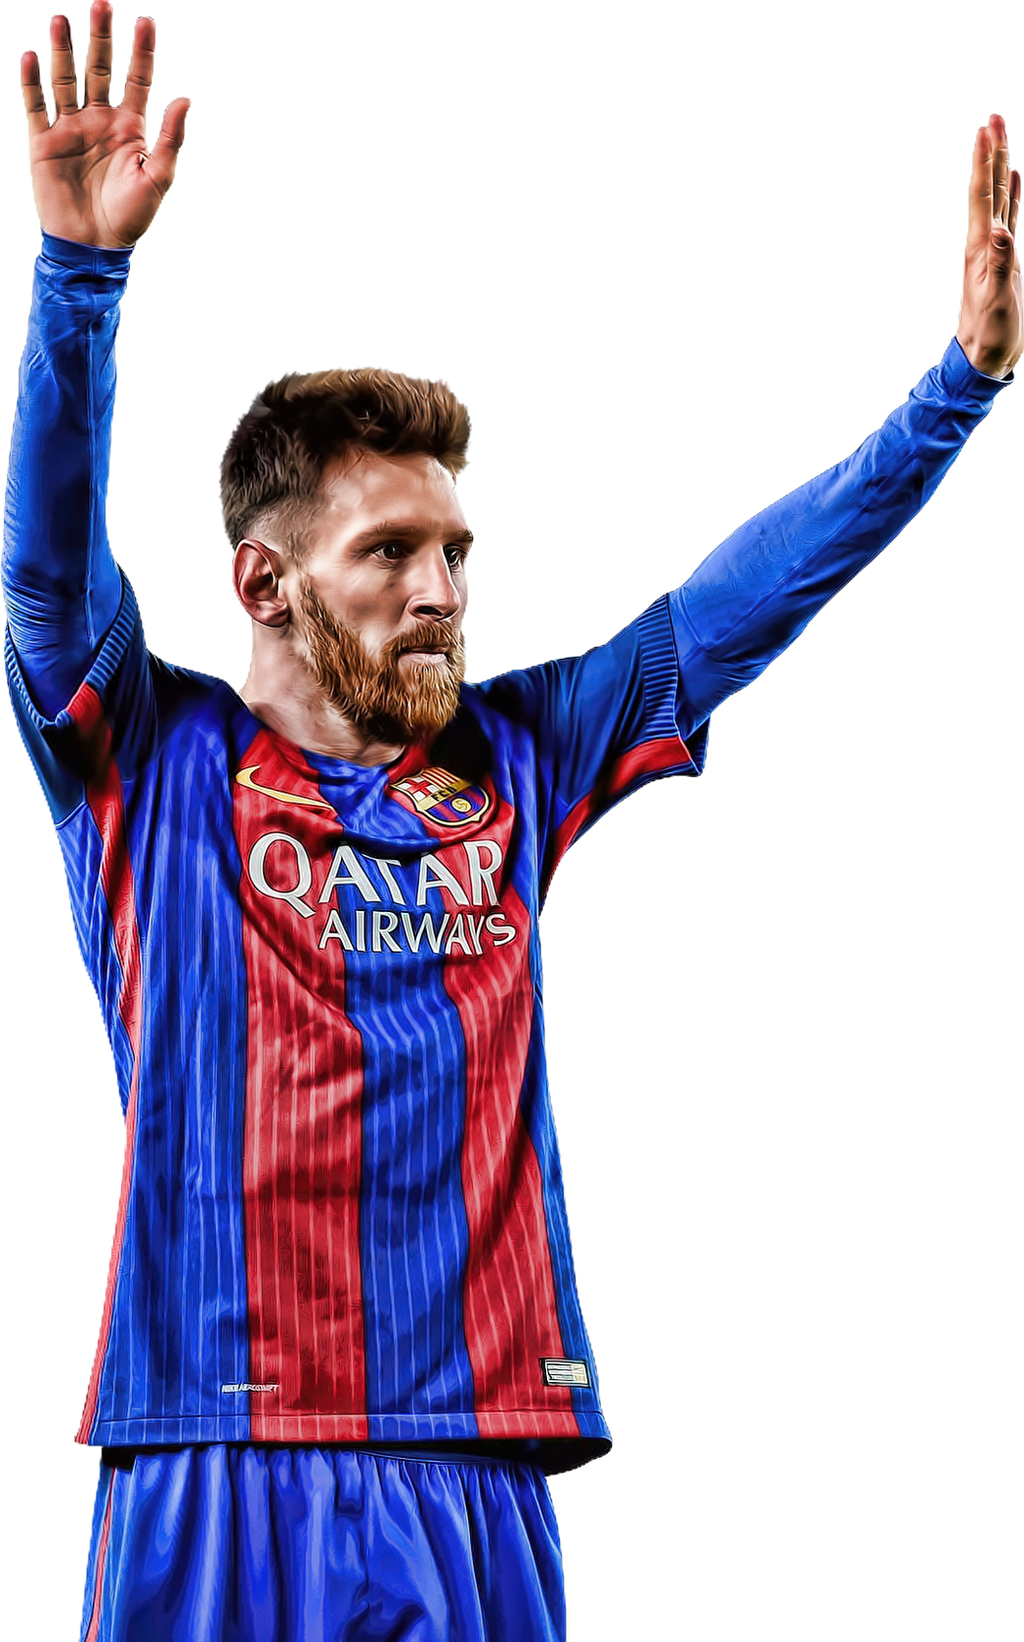 Resultado de imagem para Messi png 2017